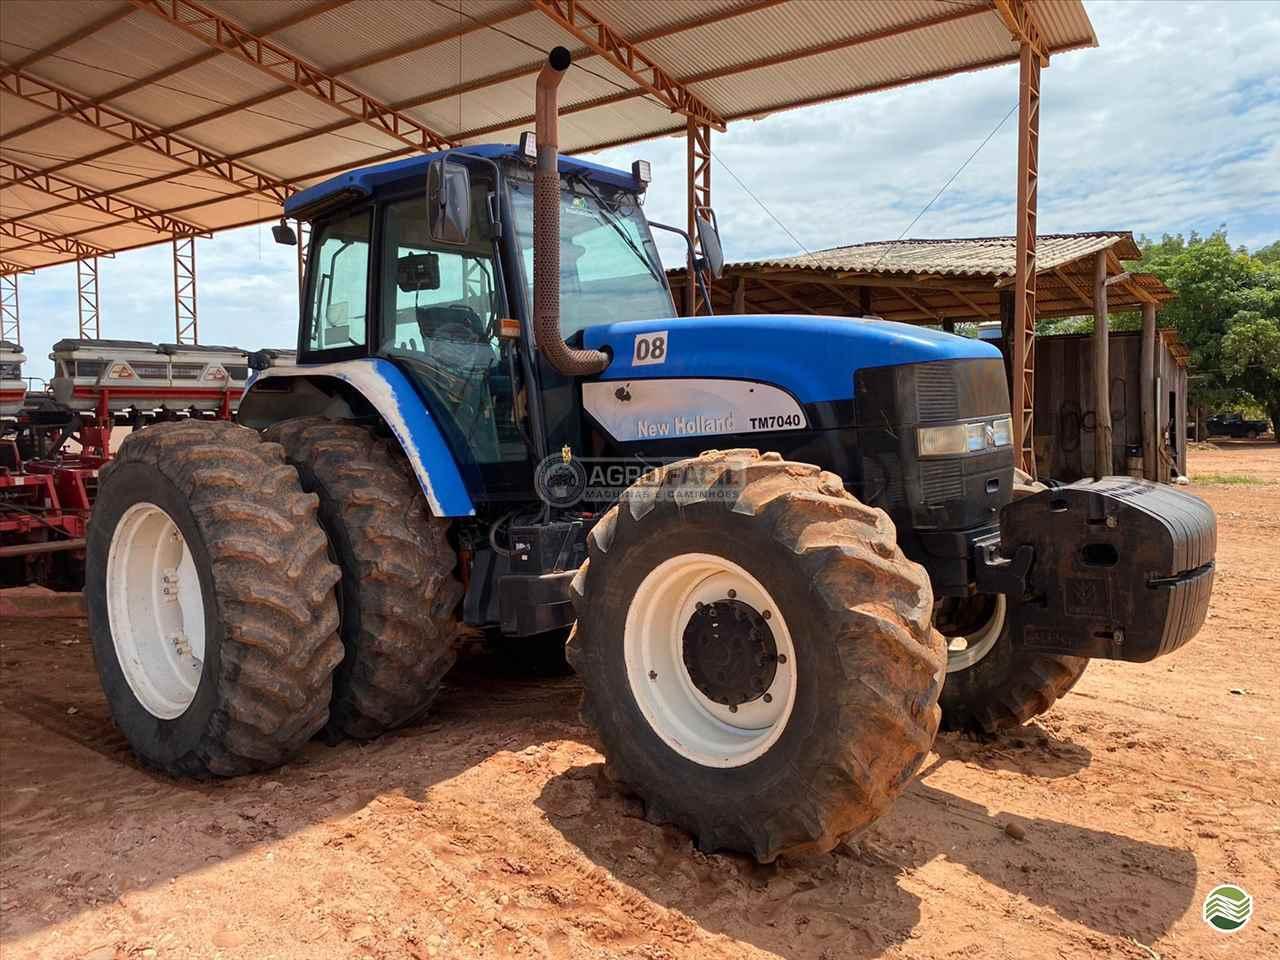 TRATOR NEW HOLLAND NEW TM 7040 Tração 4x4 Agro Fácil Máquinas PRIMAVERA DO LESTE MATO GROSSO MT